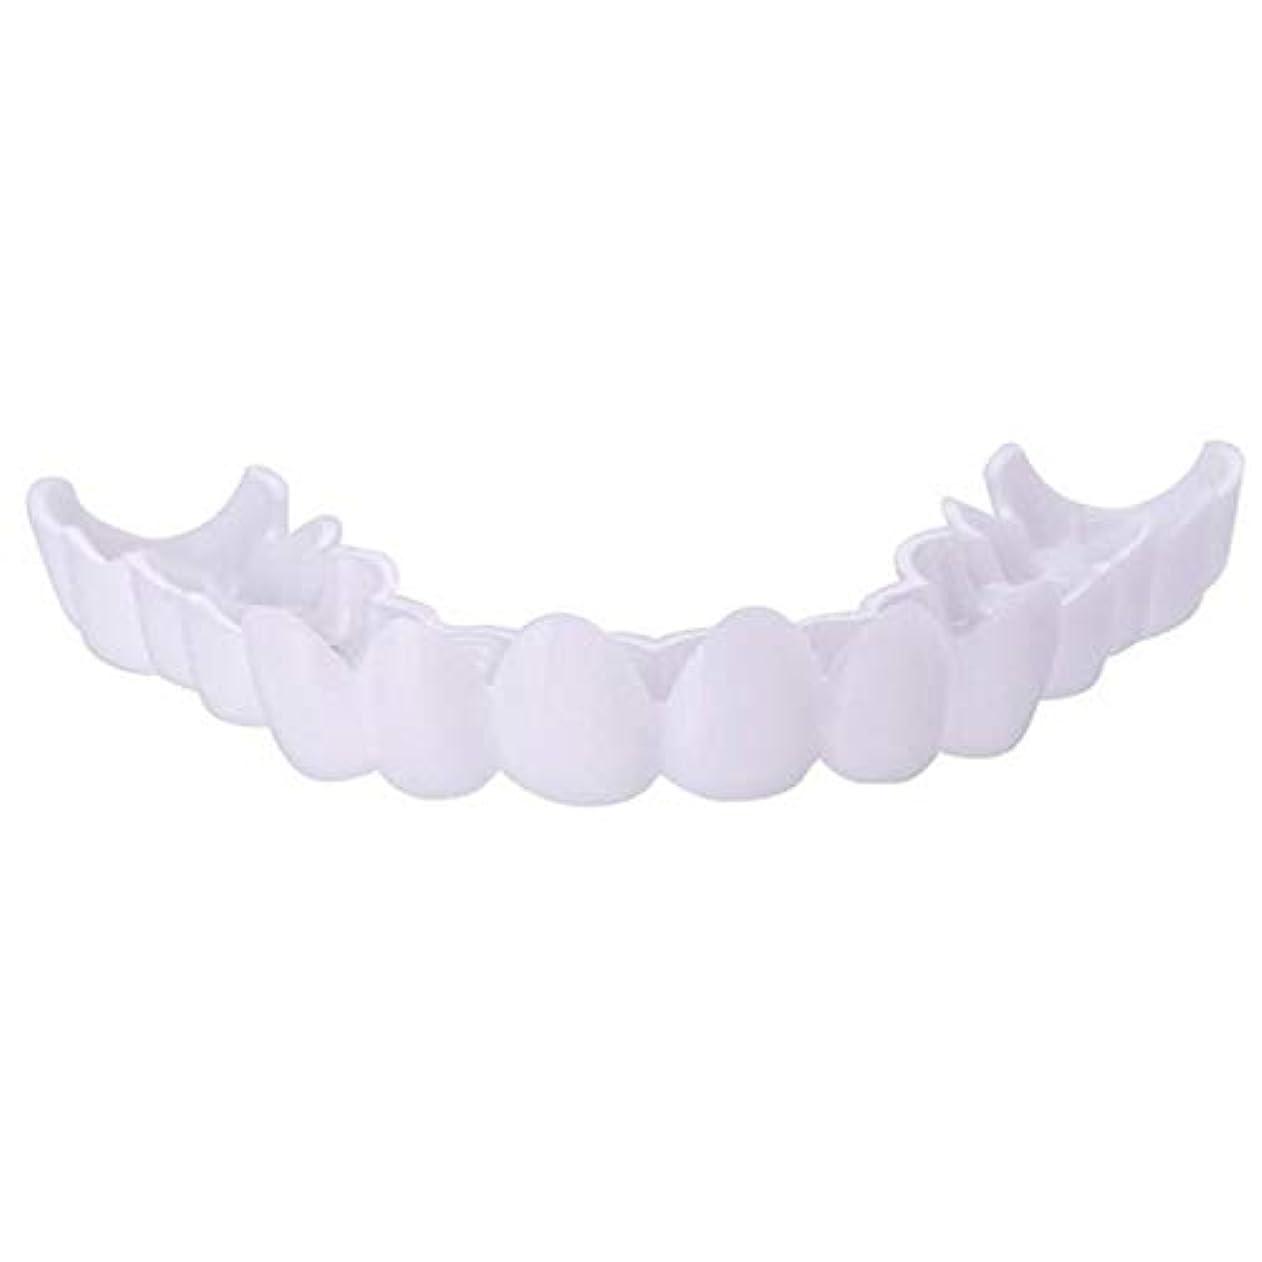 レポートを書くまっすぐにする管理者シリコーンシミュレーション歯科用義歯スリーブ、上歯のホワイトニング,A